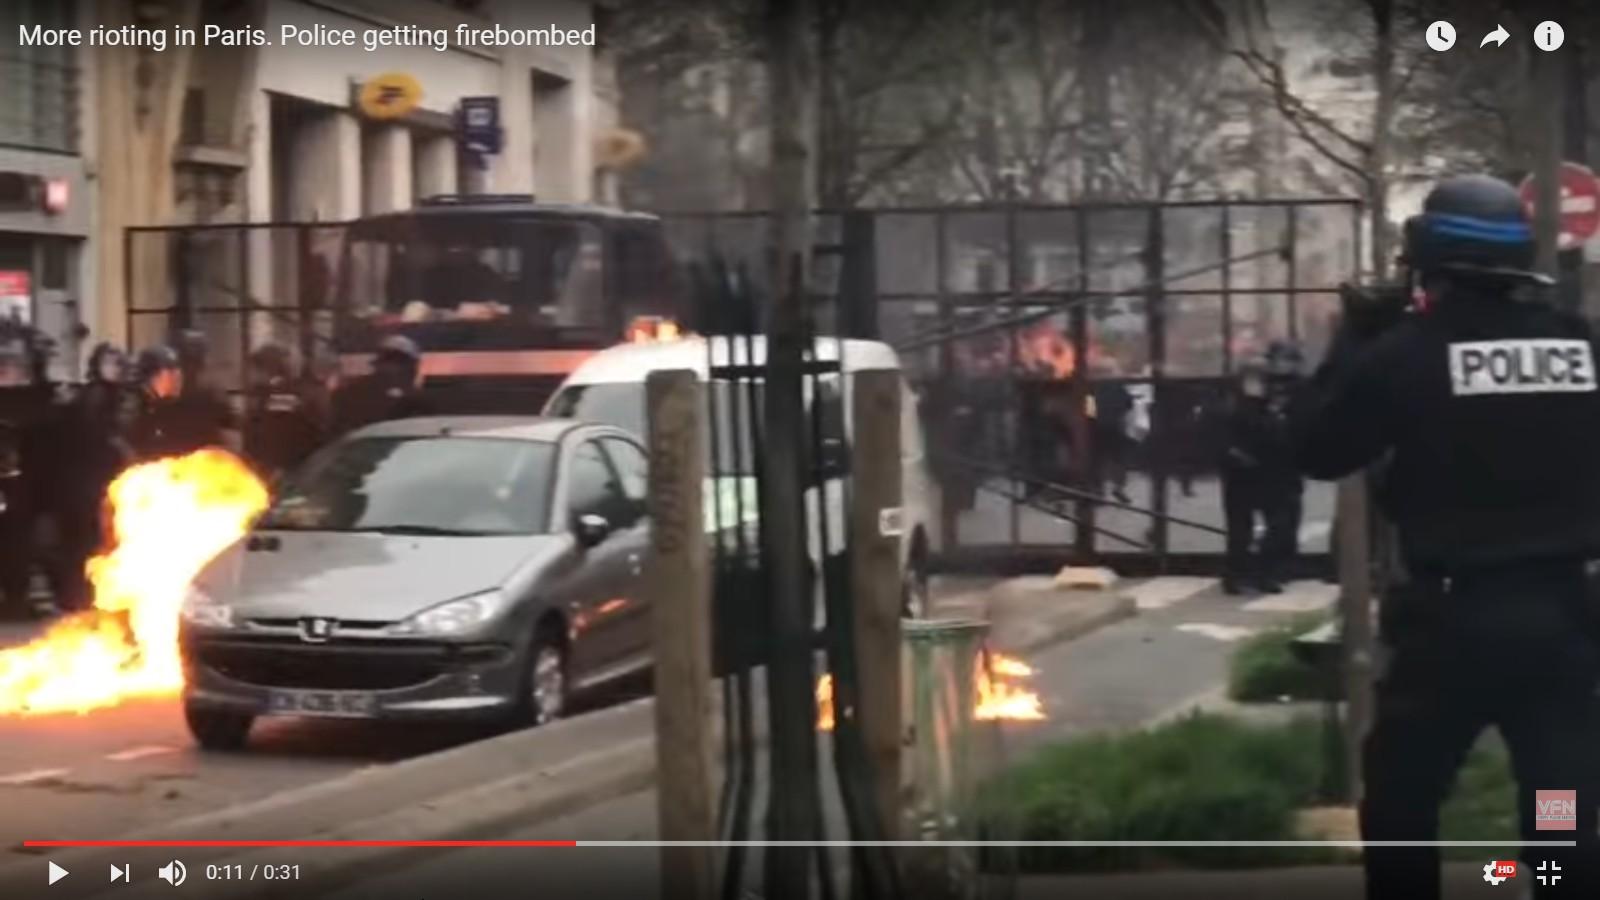 Far-left/Antifa gangs riot in Paris